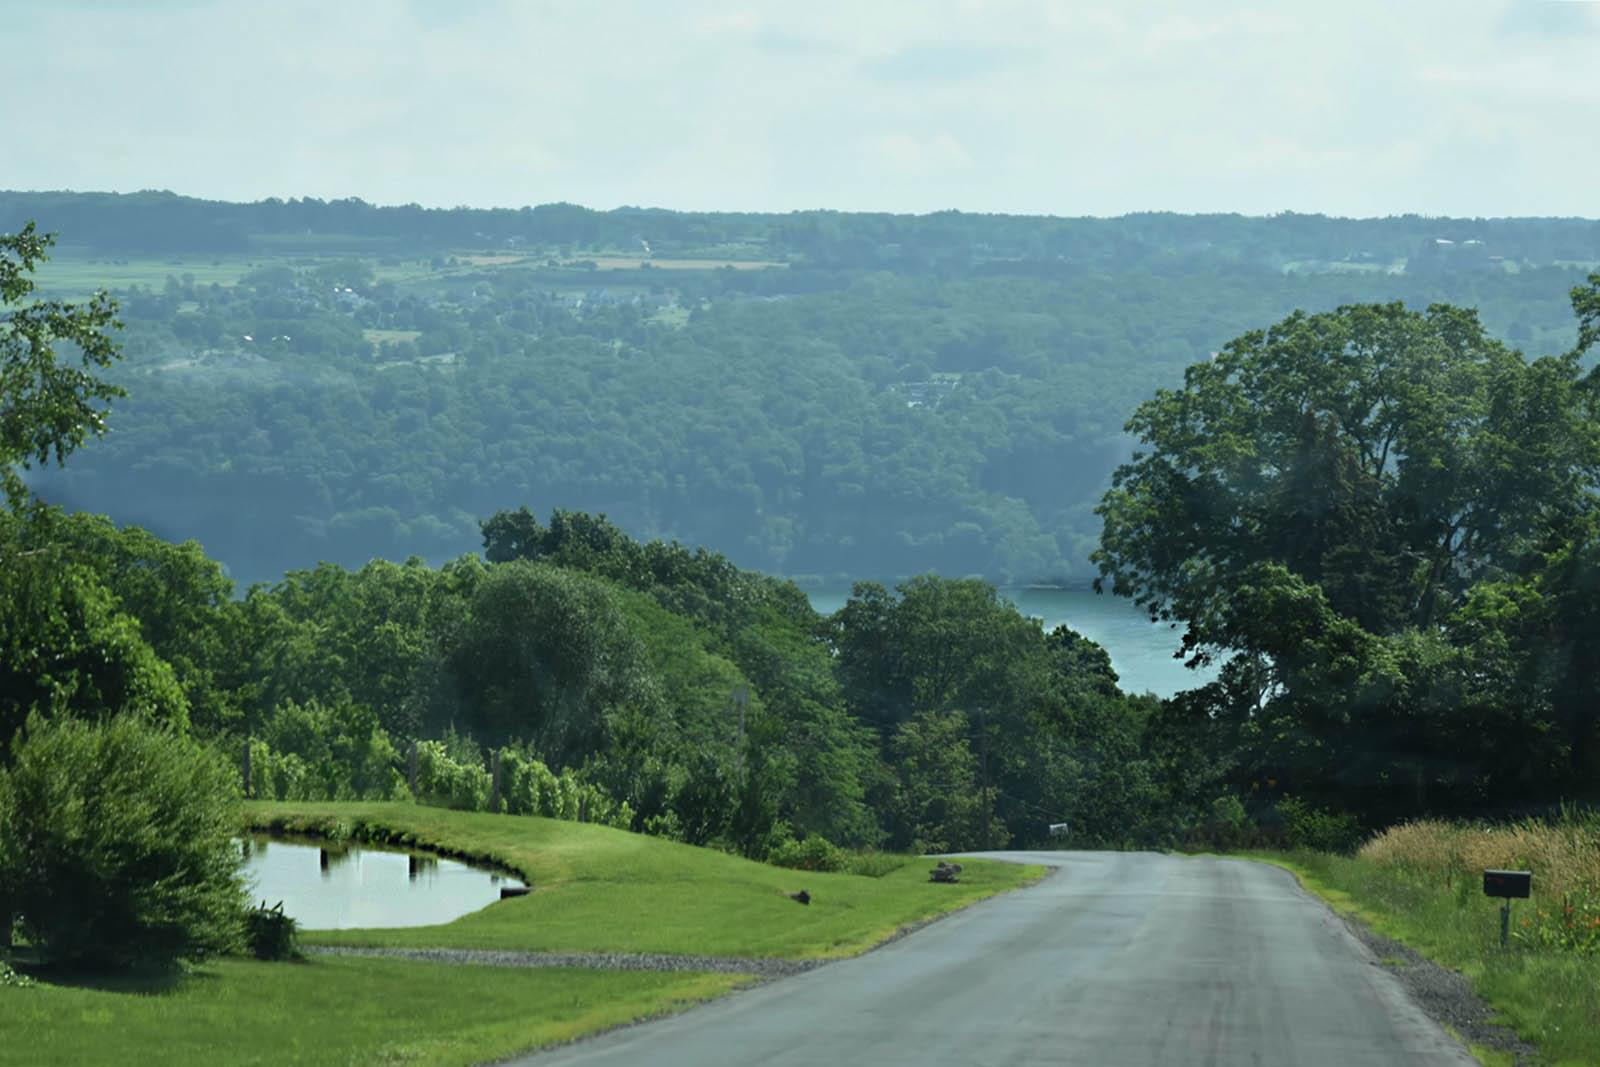 View of Cuyuga Lake in Upstate NY Cuyuga Lake NY - Photo by Joeyz51 (CC BY-NC-ND 2.0)